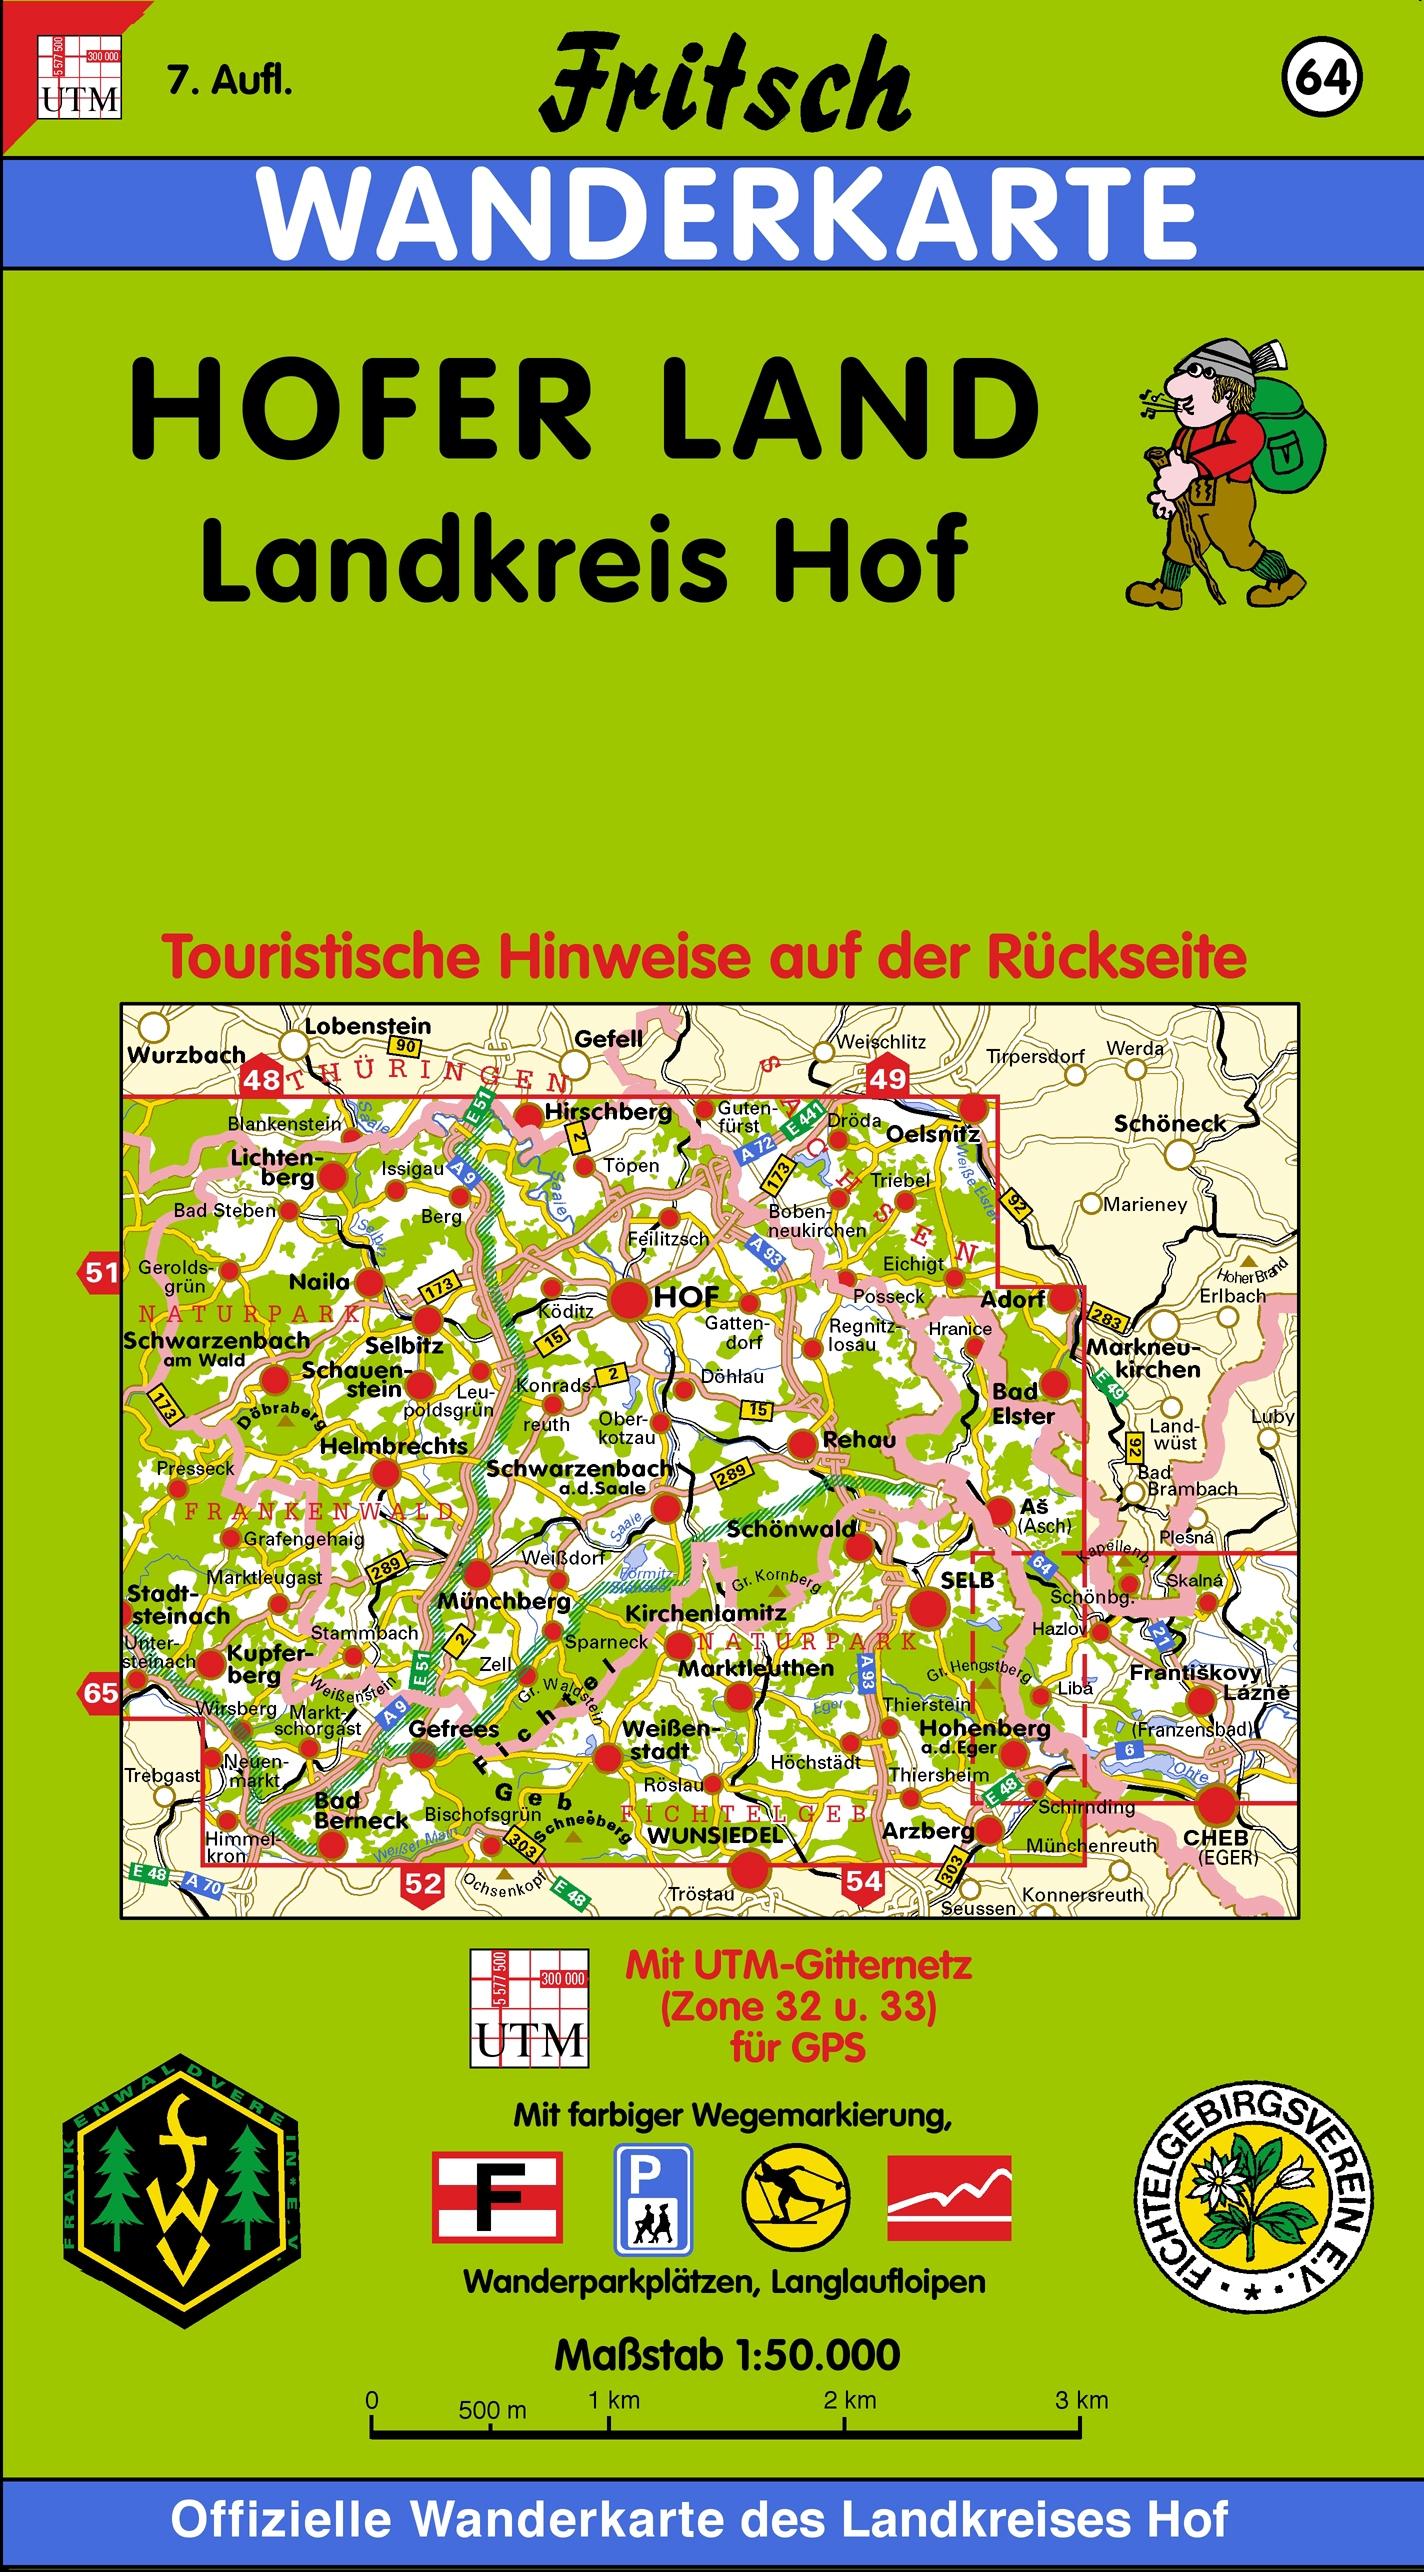 Fritsch Karten, Nr.64, Landkreis Hof: Touristische Hinweise auf der Rückseite. Mit farbiger Wegemarkierung, Wanderparkplätzen, Langlaufloipen und ... Nit UTM-Gitternetz (Zone 32 u. 33 für GPS)